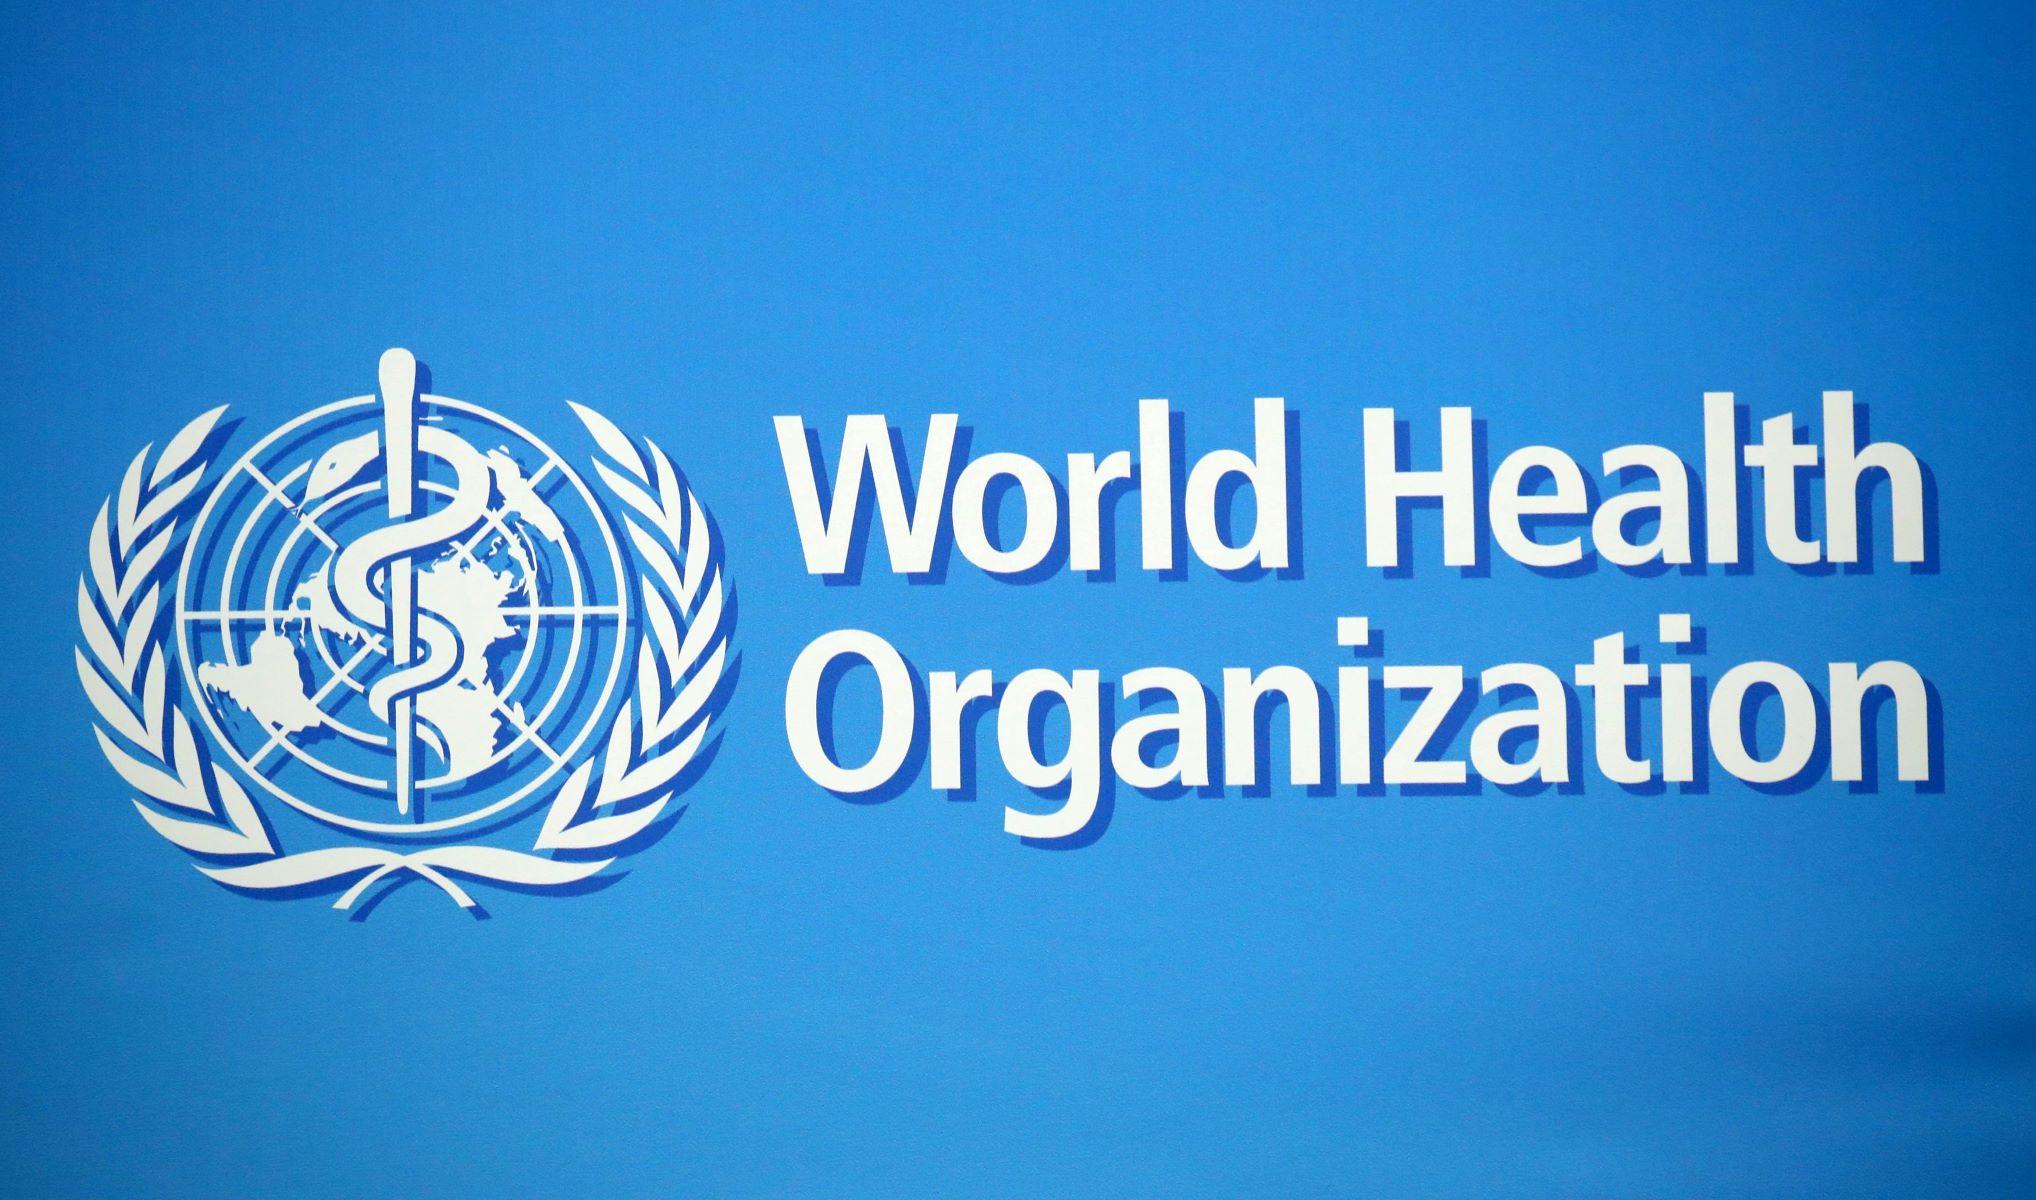 ΠΟΥ εμβόλιο κορονοϊού: Πάνω από 180 χώρες δεσμεύονται για τη χρηματοδότησή του